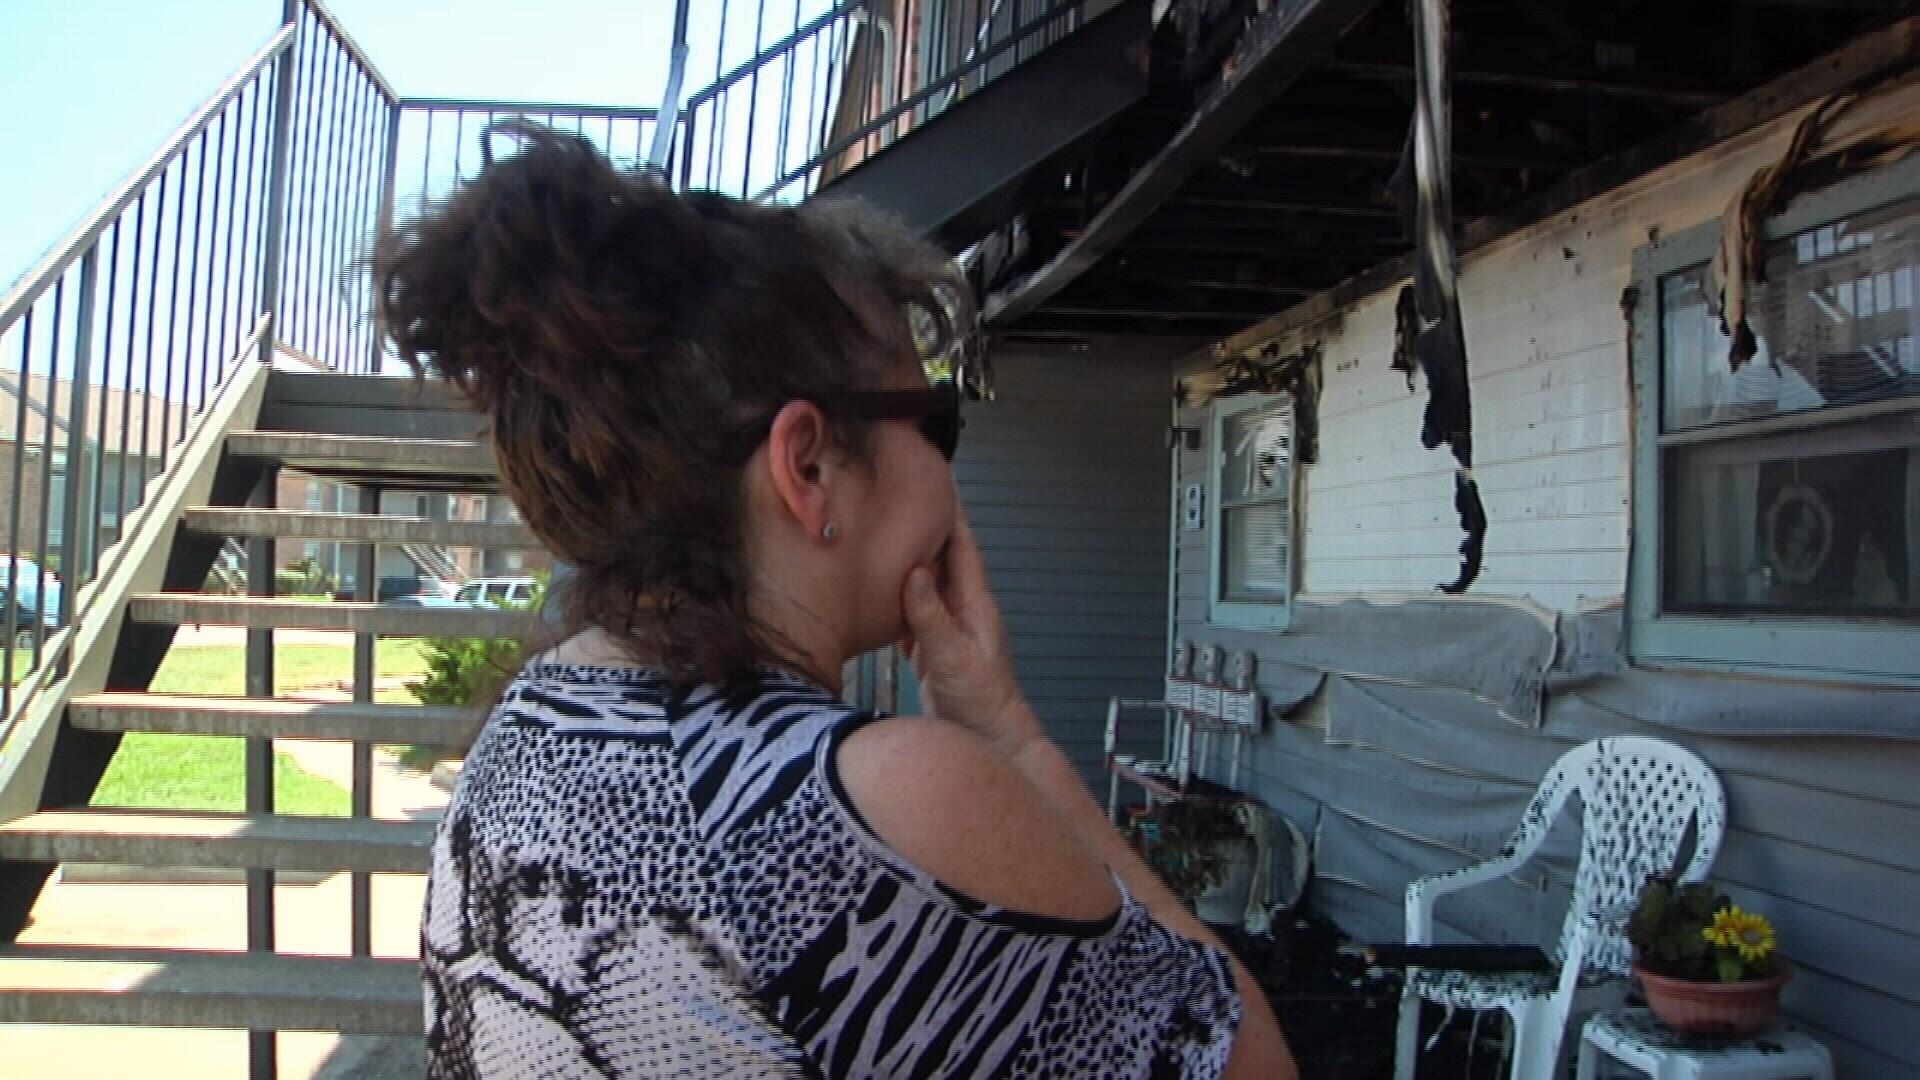 Cindi Bonifer looks in shock at her apartment. (KRIS)